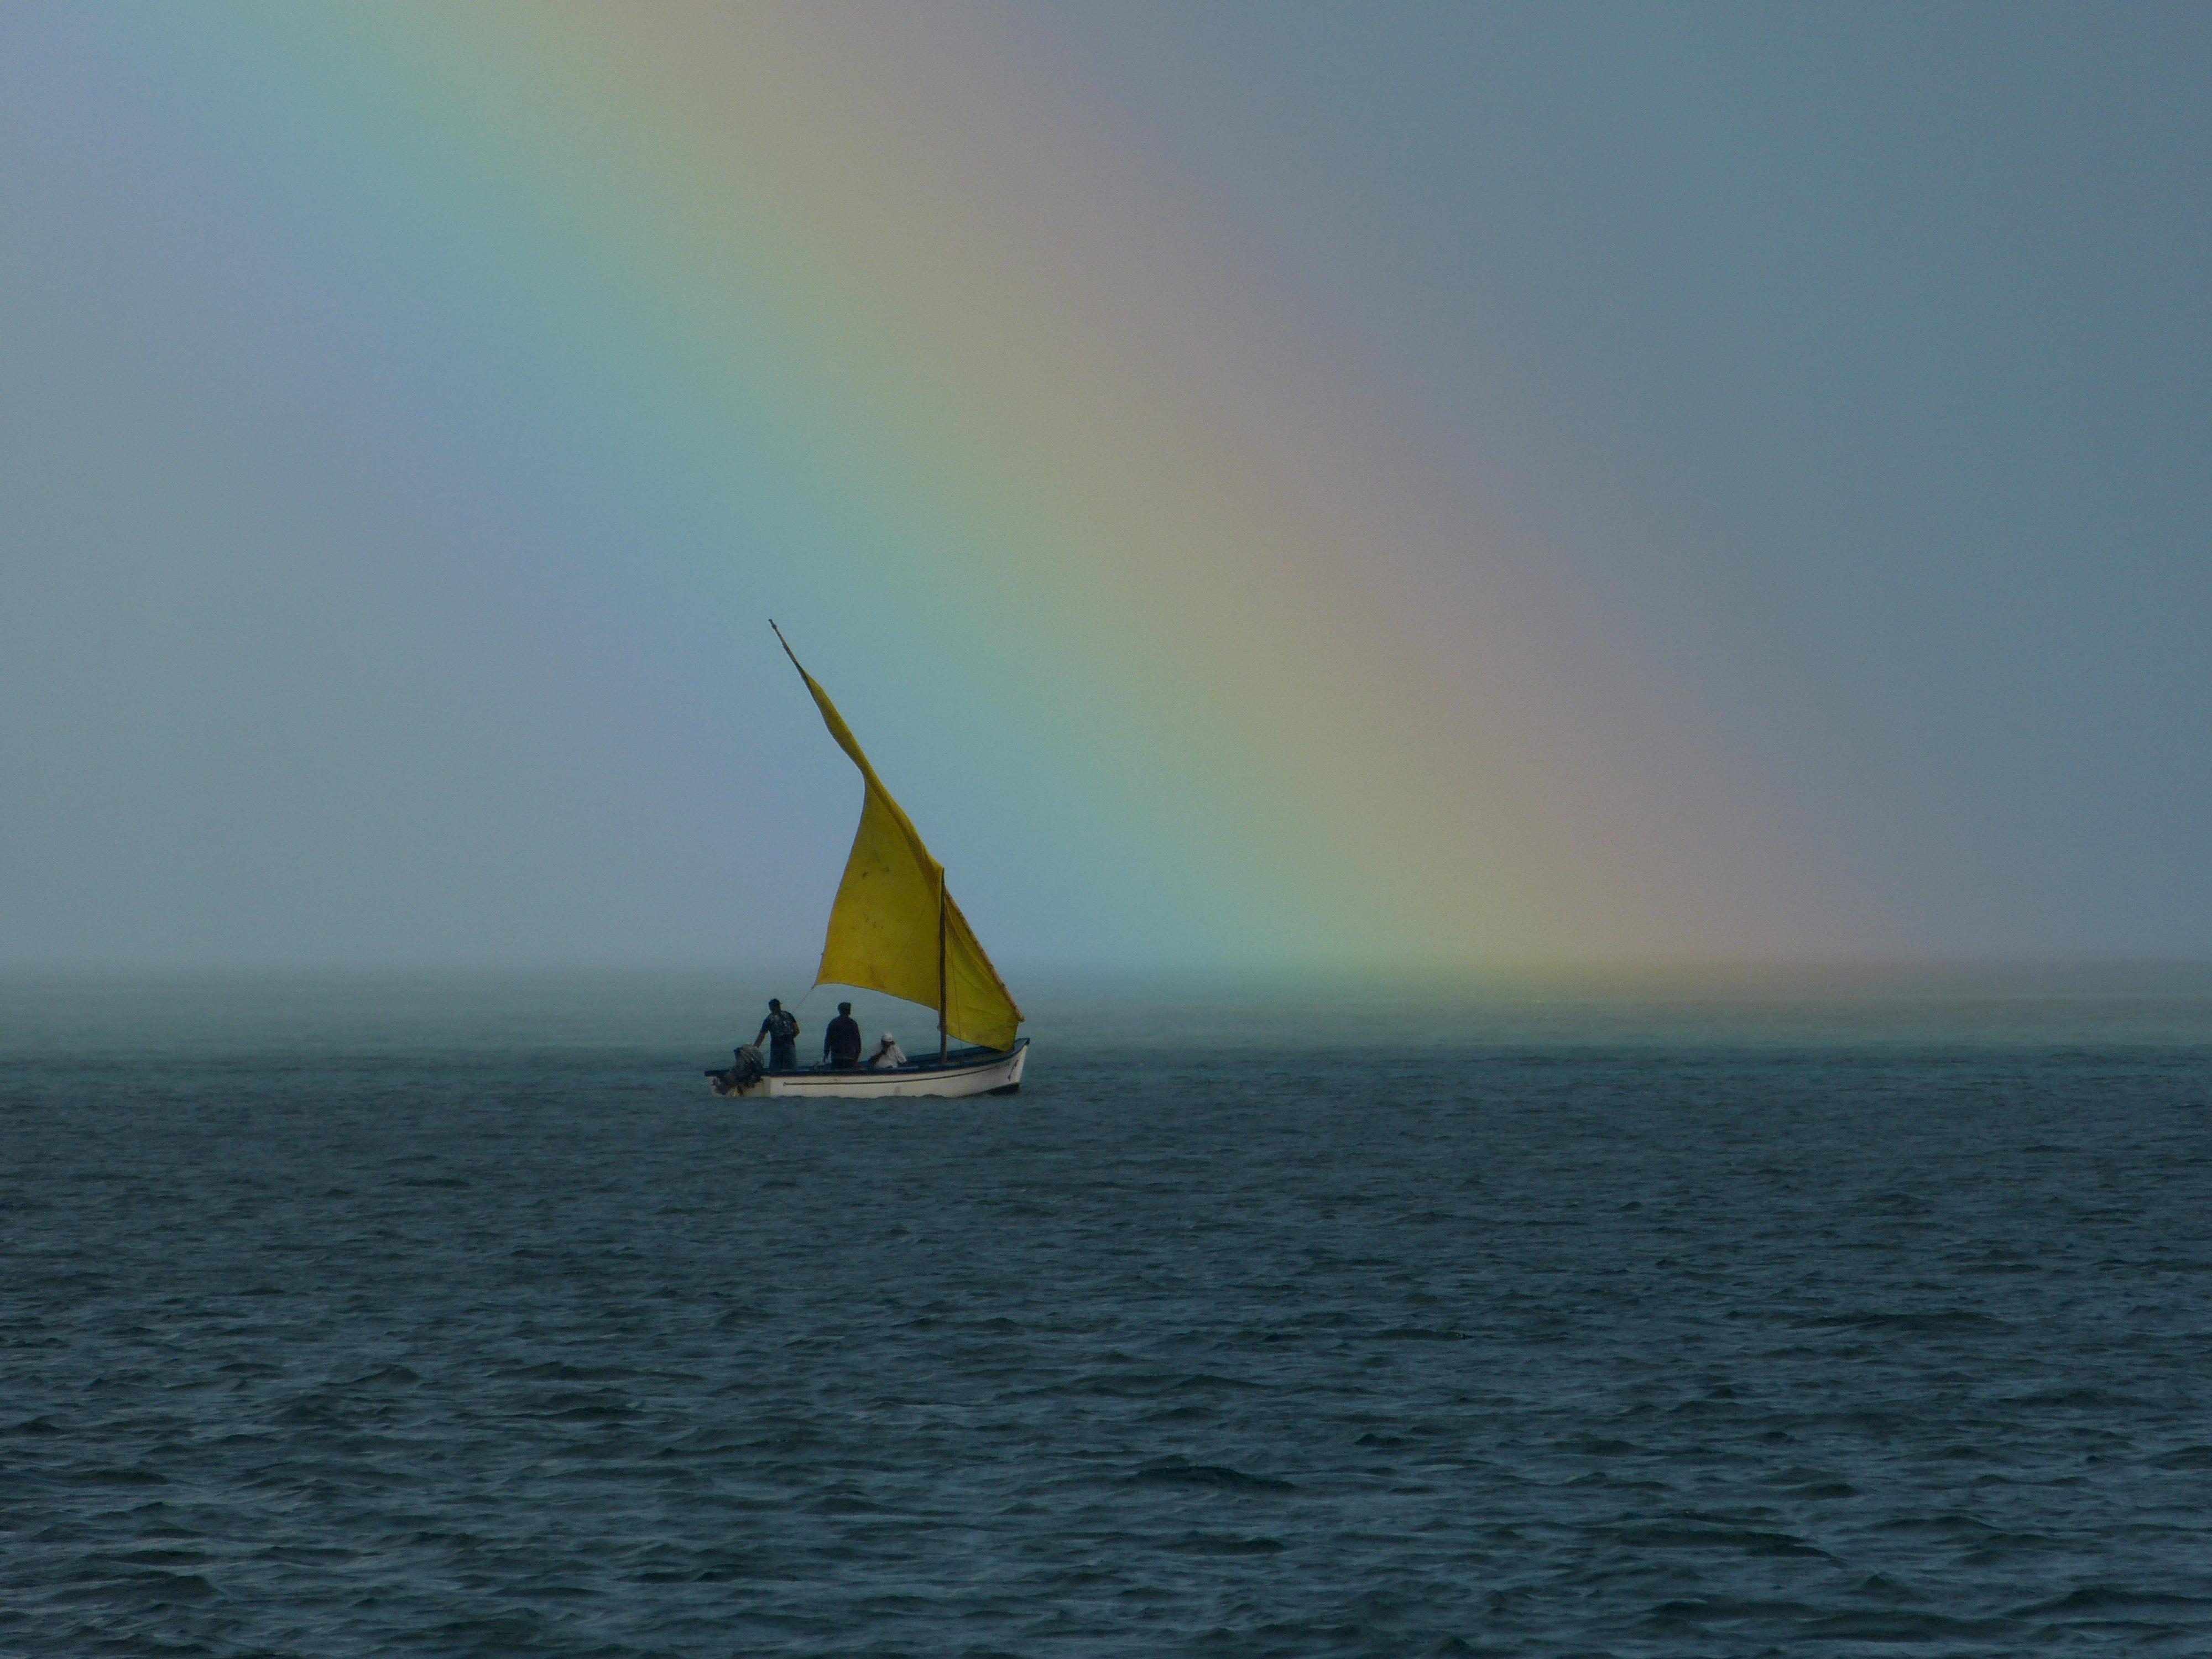 הרצאות מסע - סירת דייגים ברודריגז